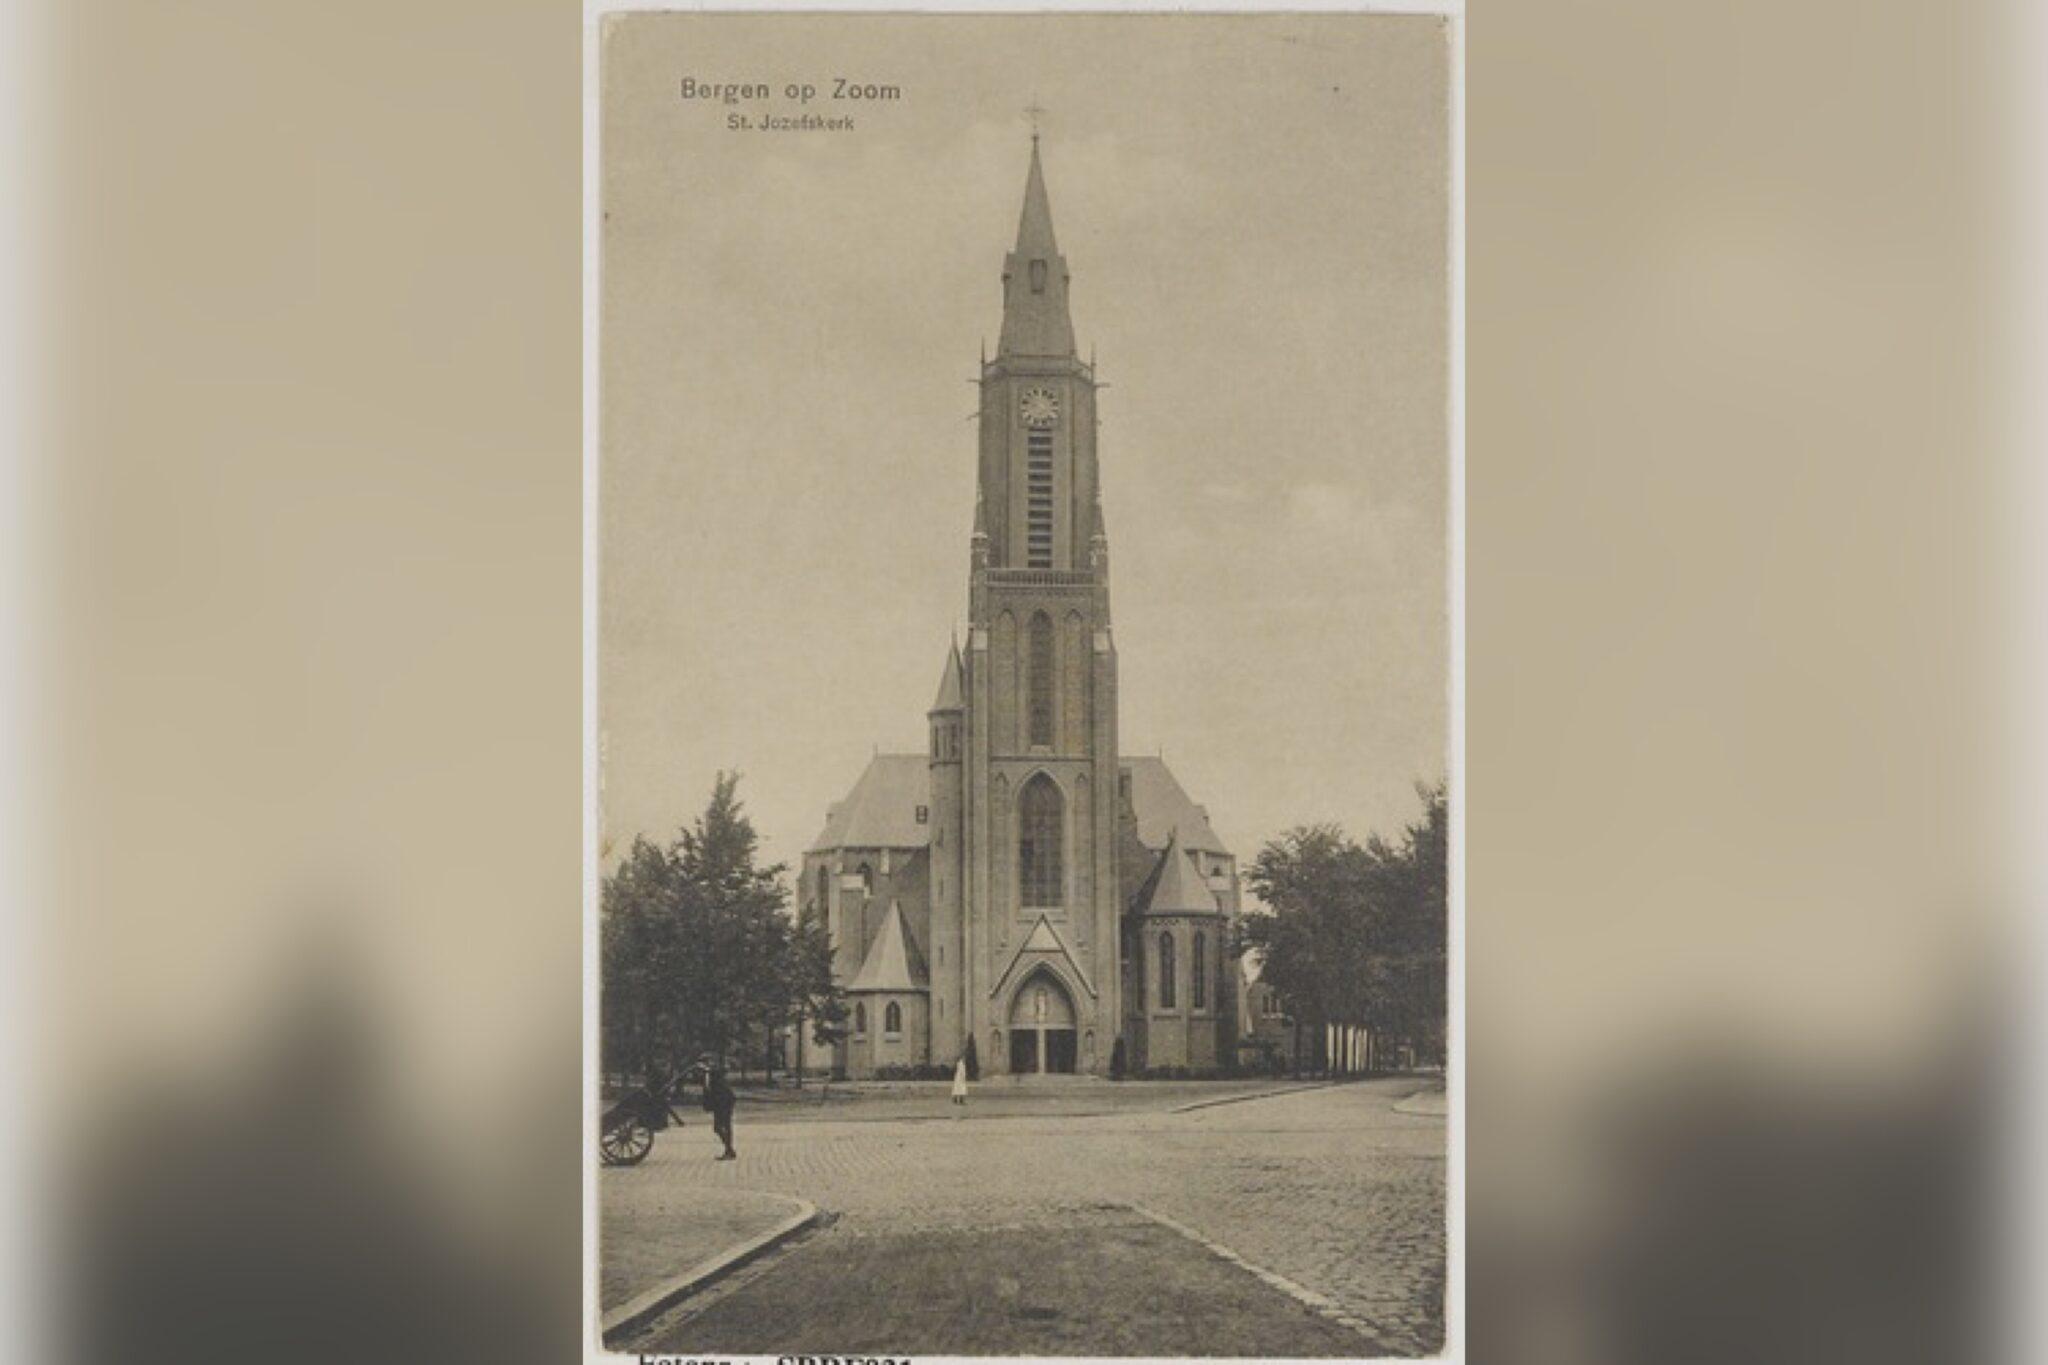 Sint Josephkerk Bergen op Zoom Bergen op Zoom: Bredasestraat; St. Josephkerk (1913) - 'de Joorenkerk' - gezien vanuit de Wassenaarstraat in noordelijke richting.